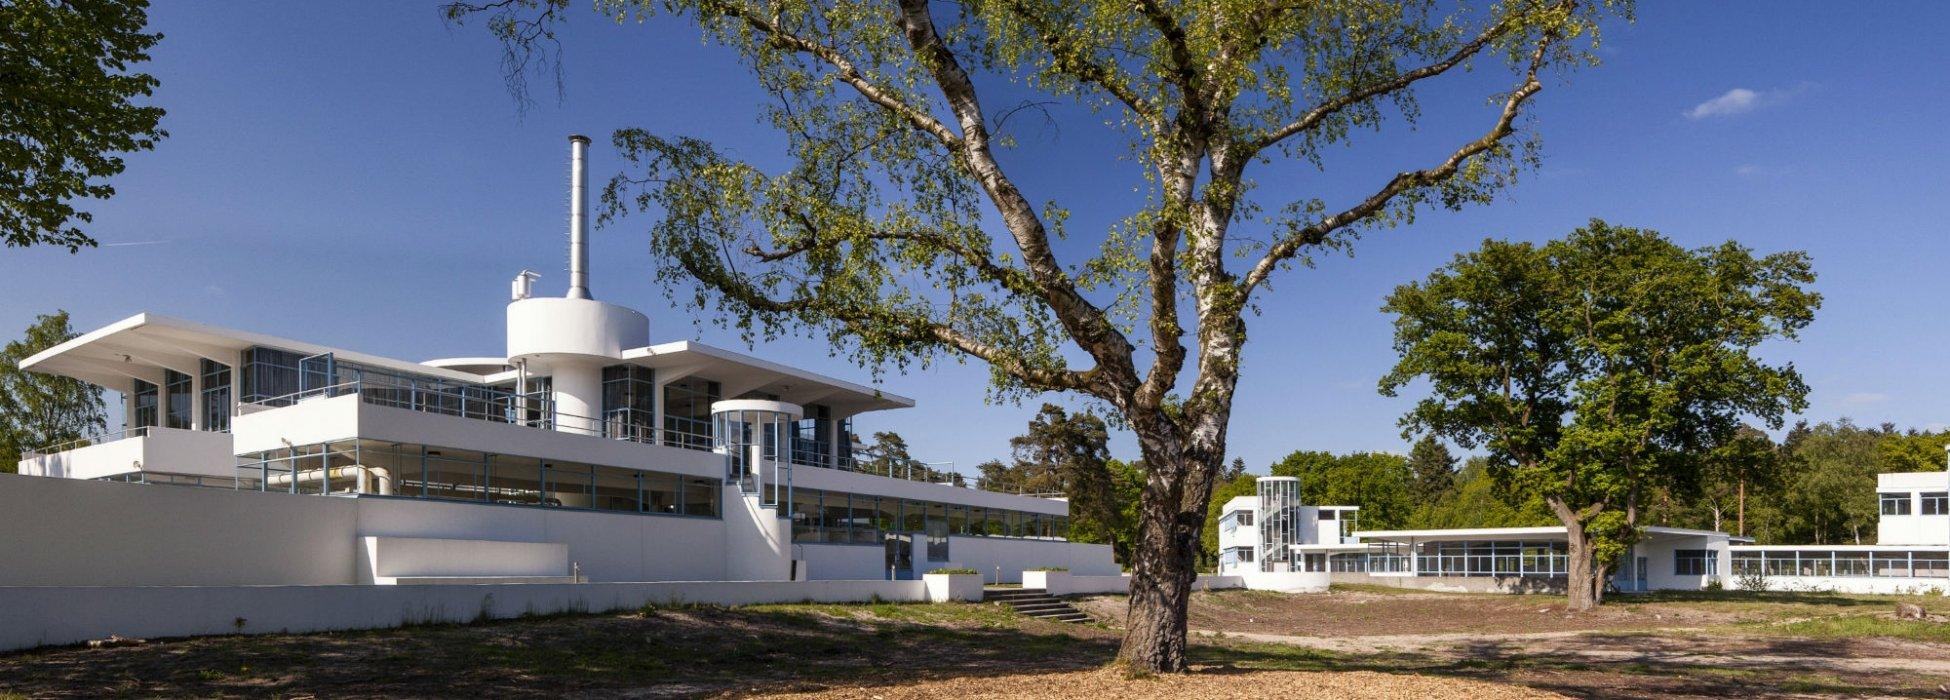 Dit landgoed rondom het sanatorium was een project van landschapsarchitect Peter de Ruyter.